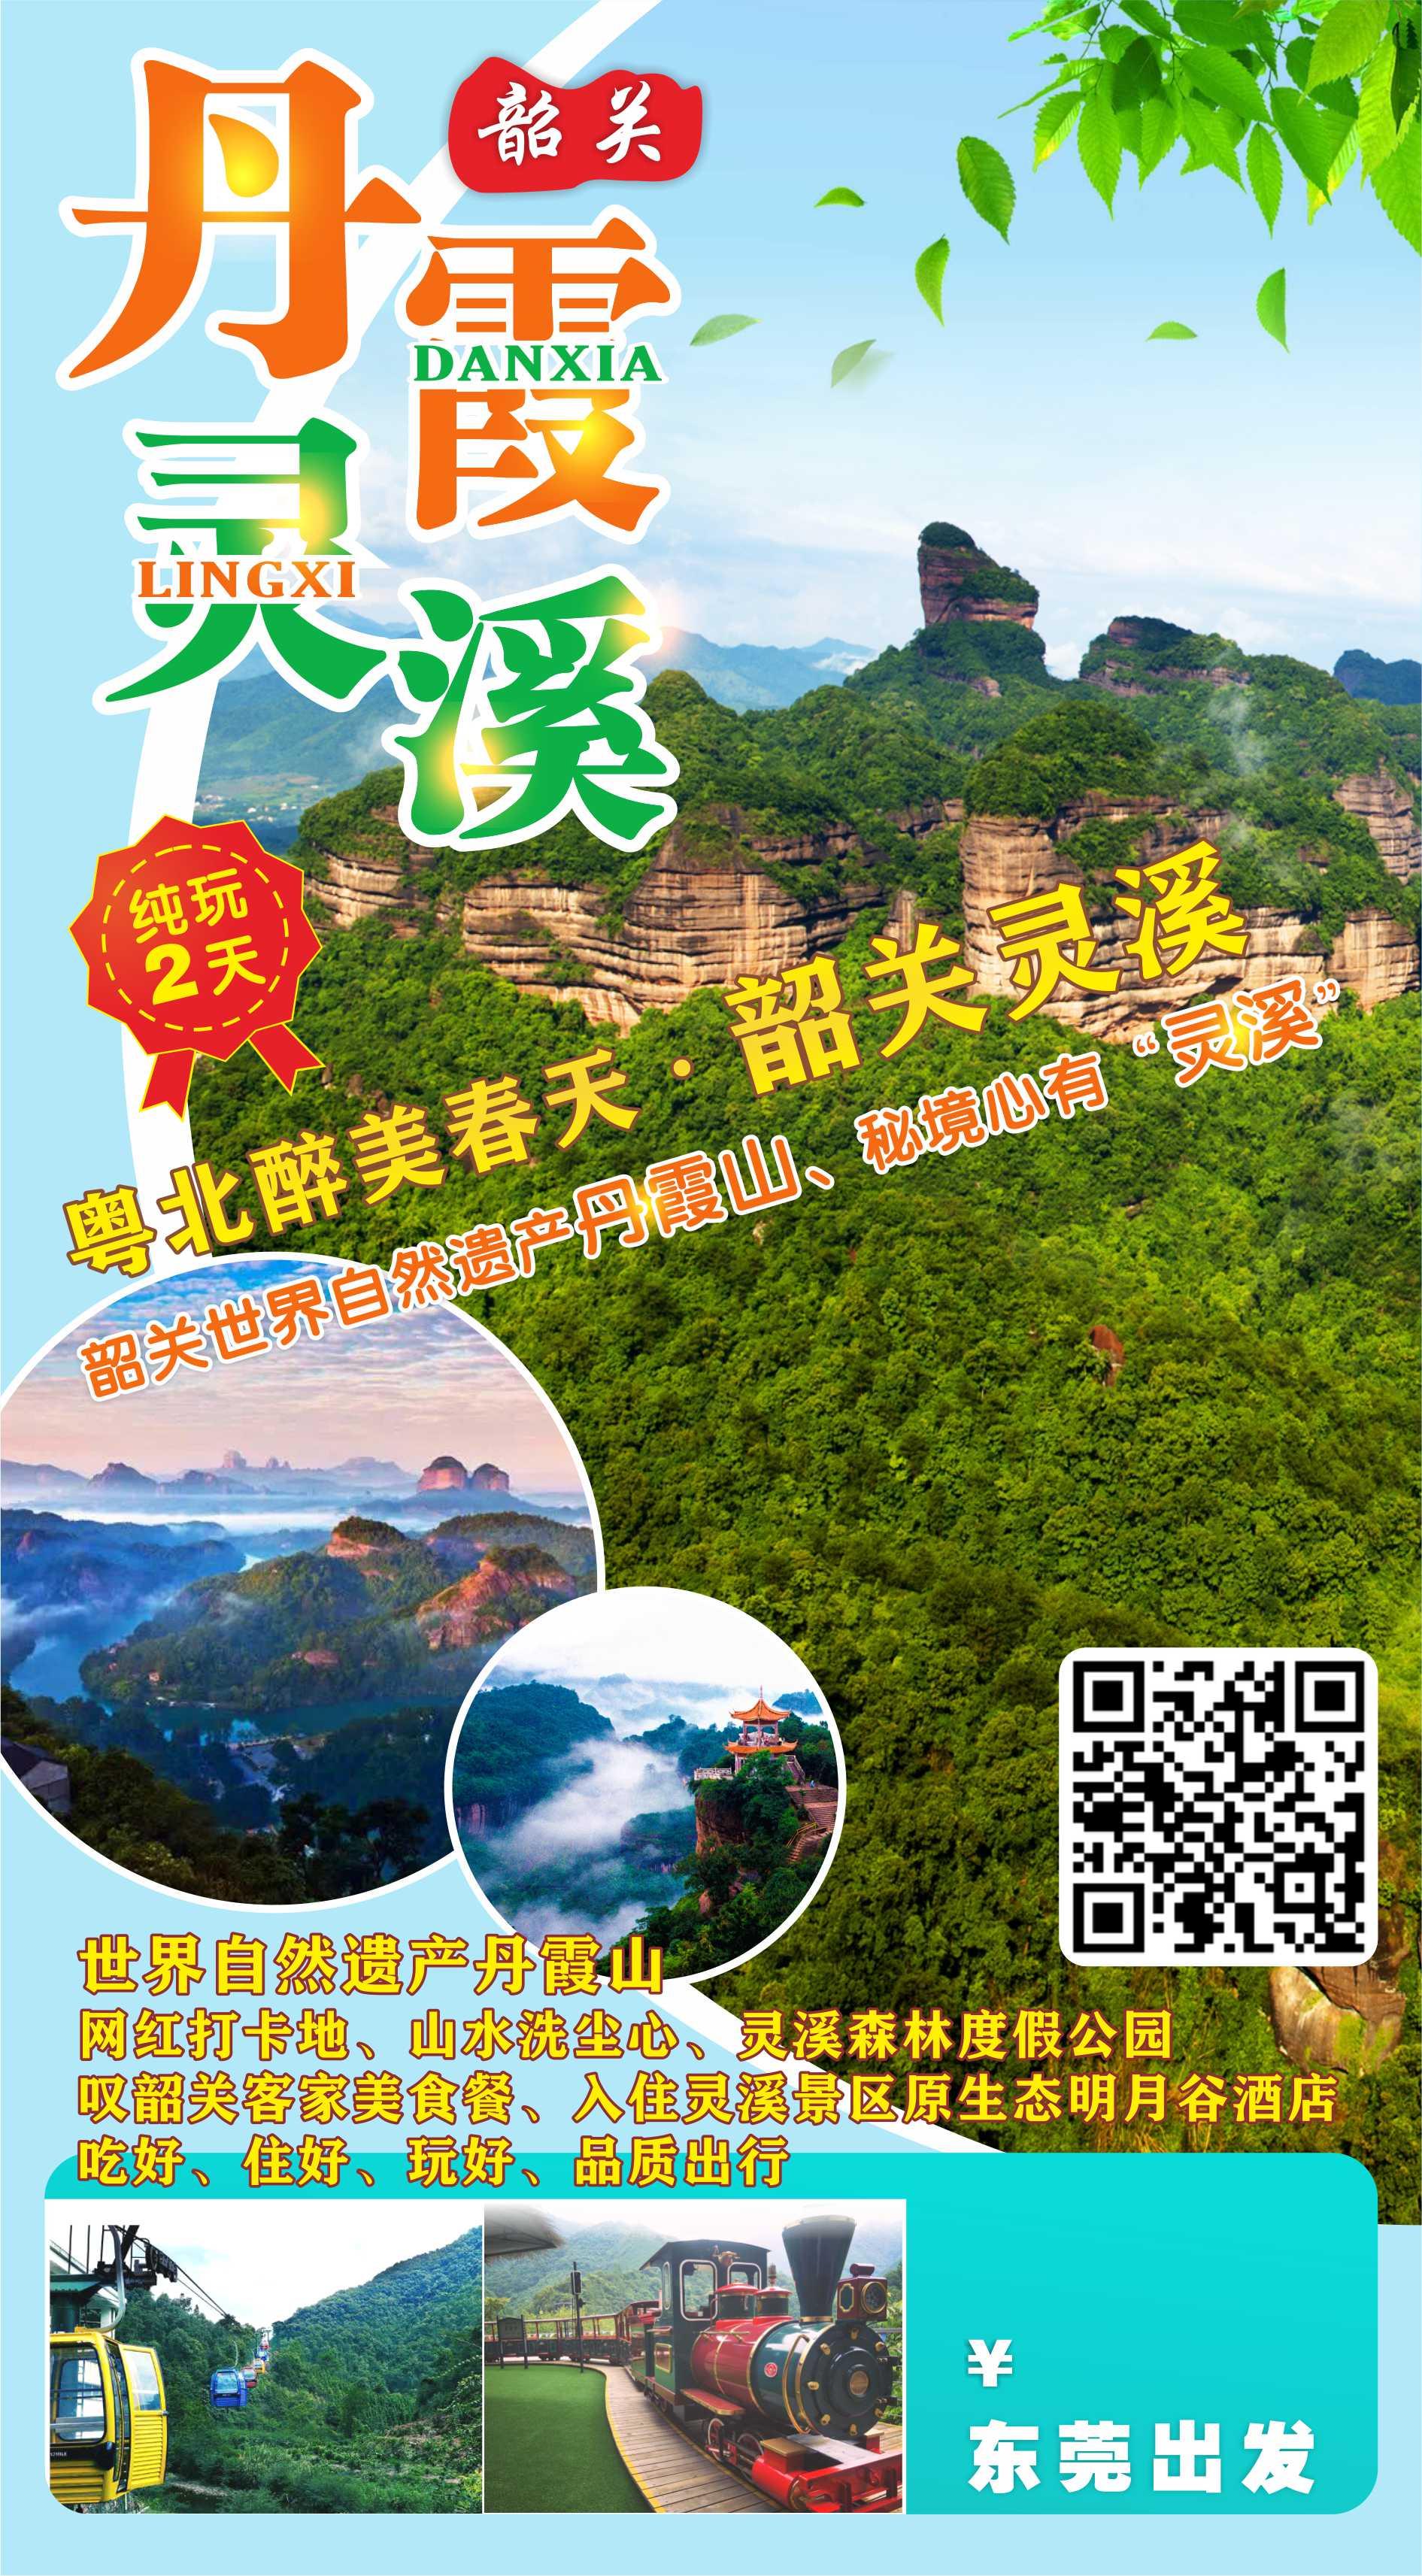 韶关丹霞山、天然氧吧灵溪河二天游